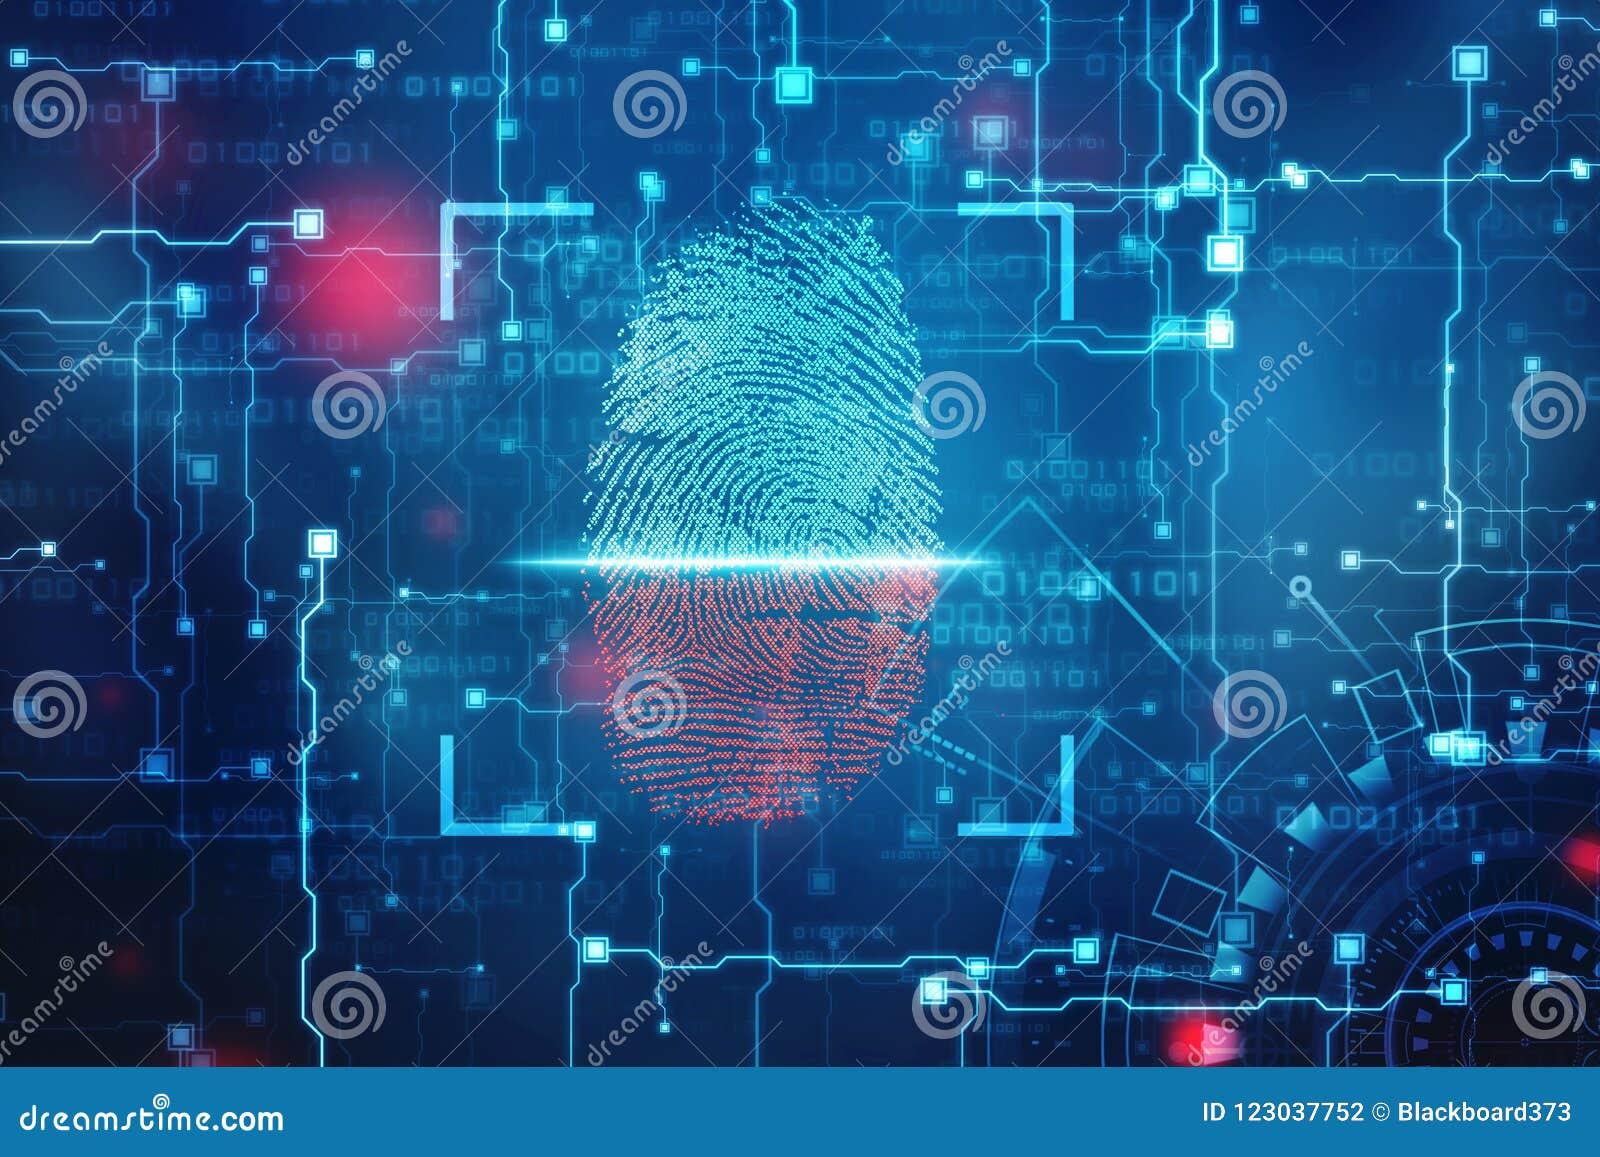 Veiligheidsconcept: vingerafdrukaftasten op het digitale scherm 2d illustratie